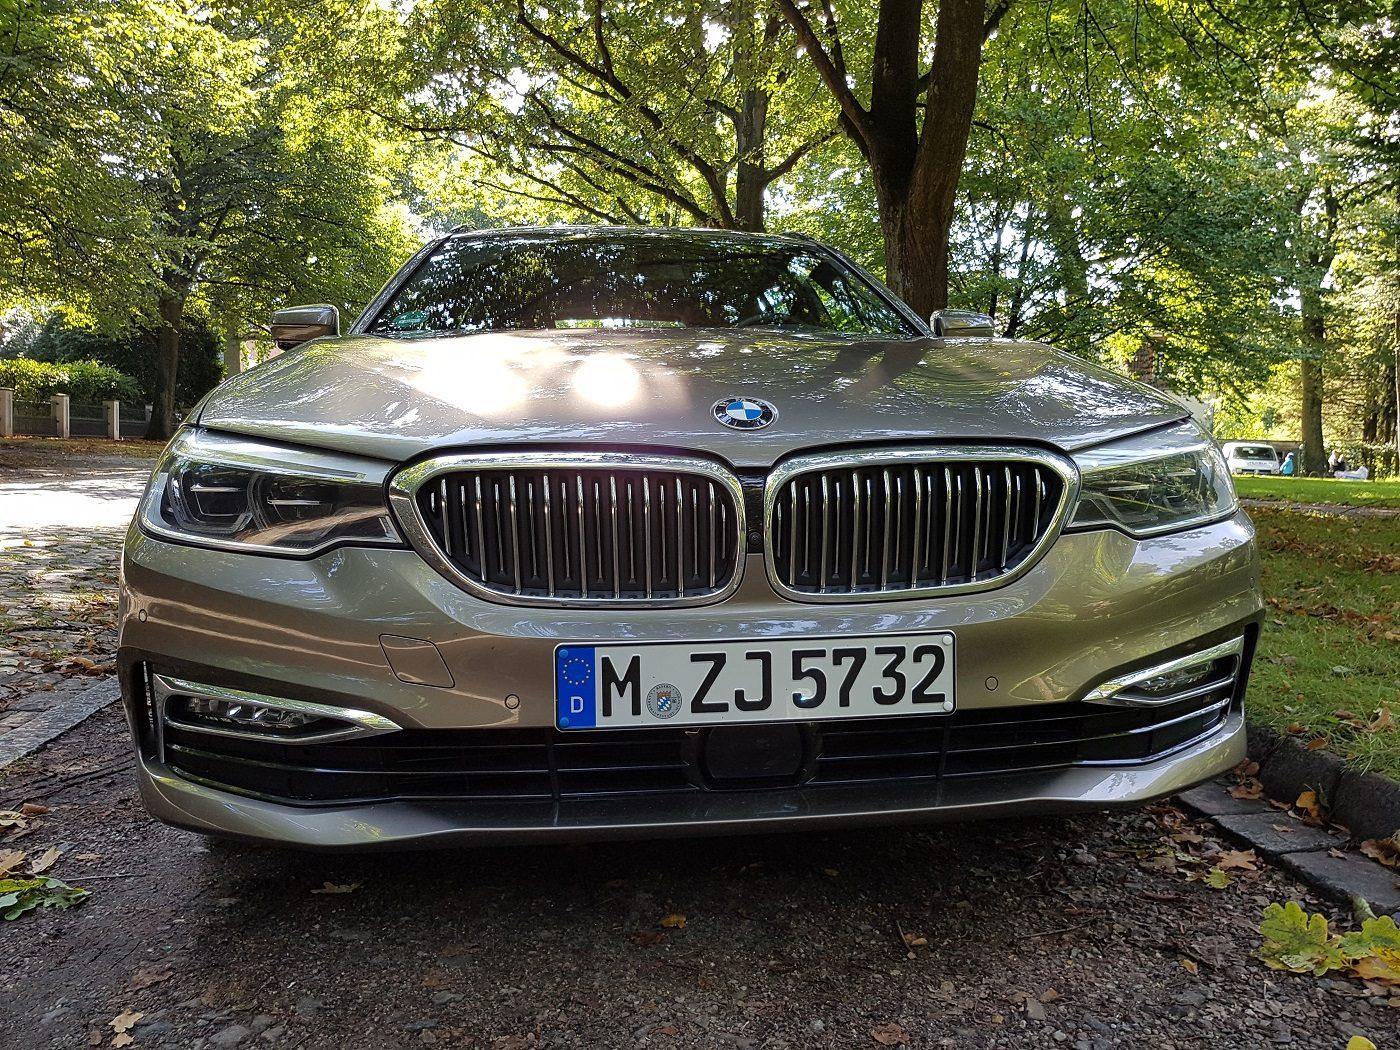 BMW 530i Touring Familienauto Front